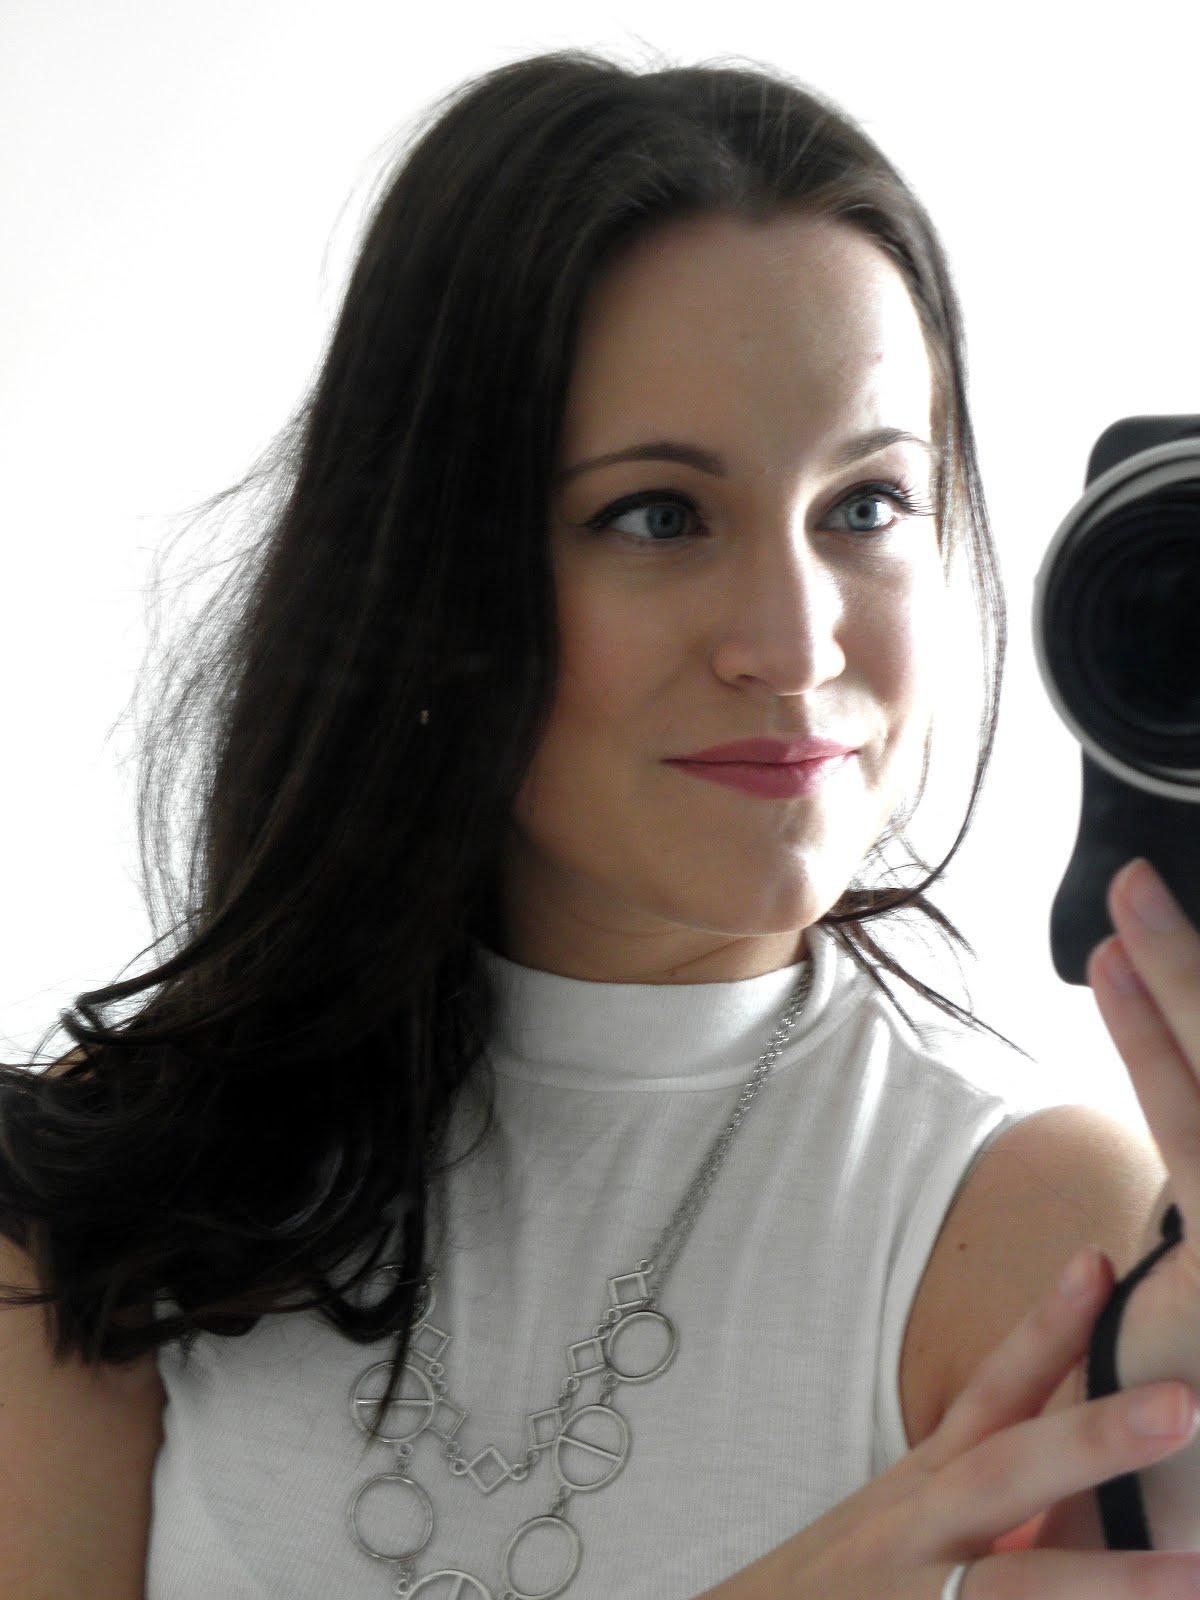 Sara, 22, Helsinki